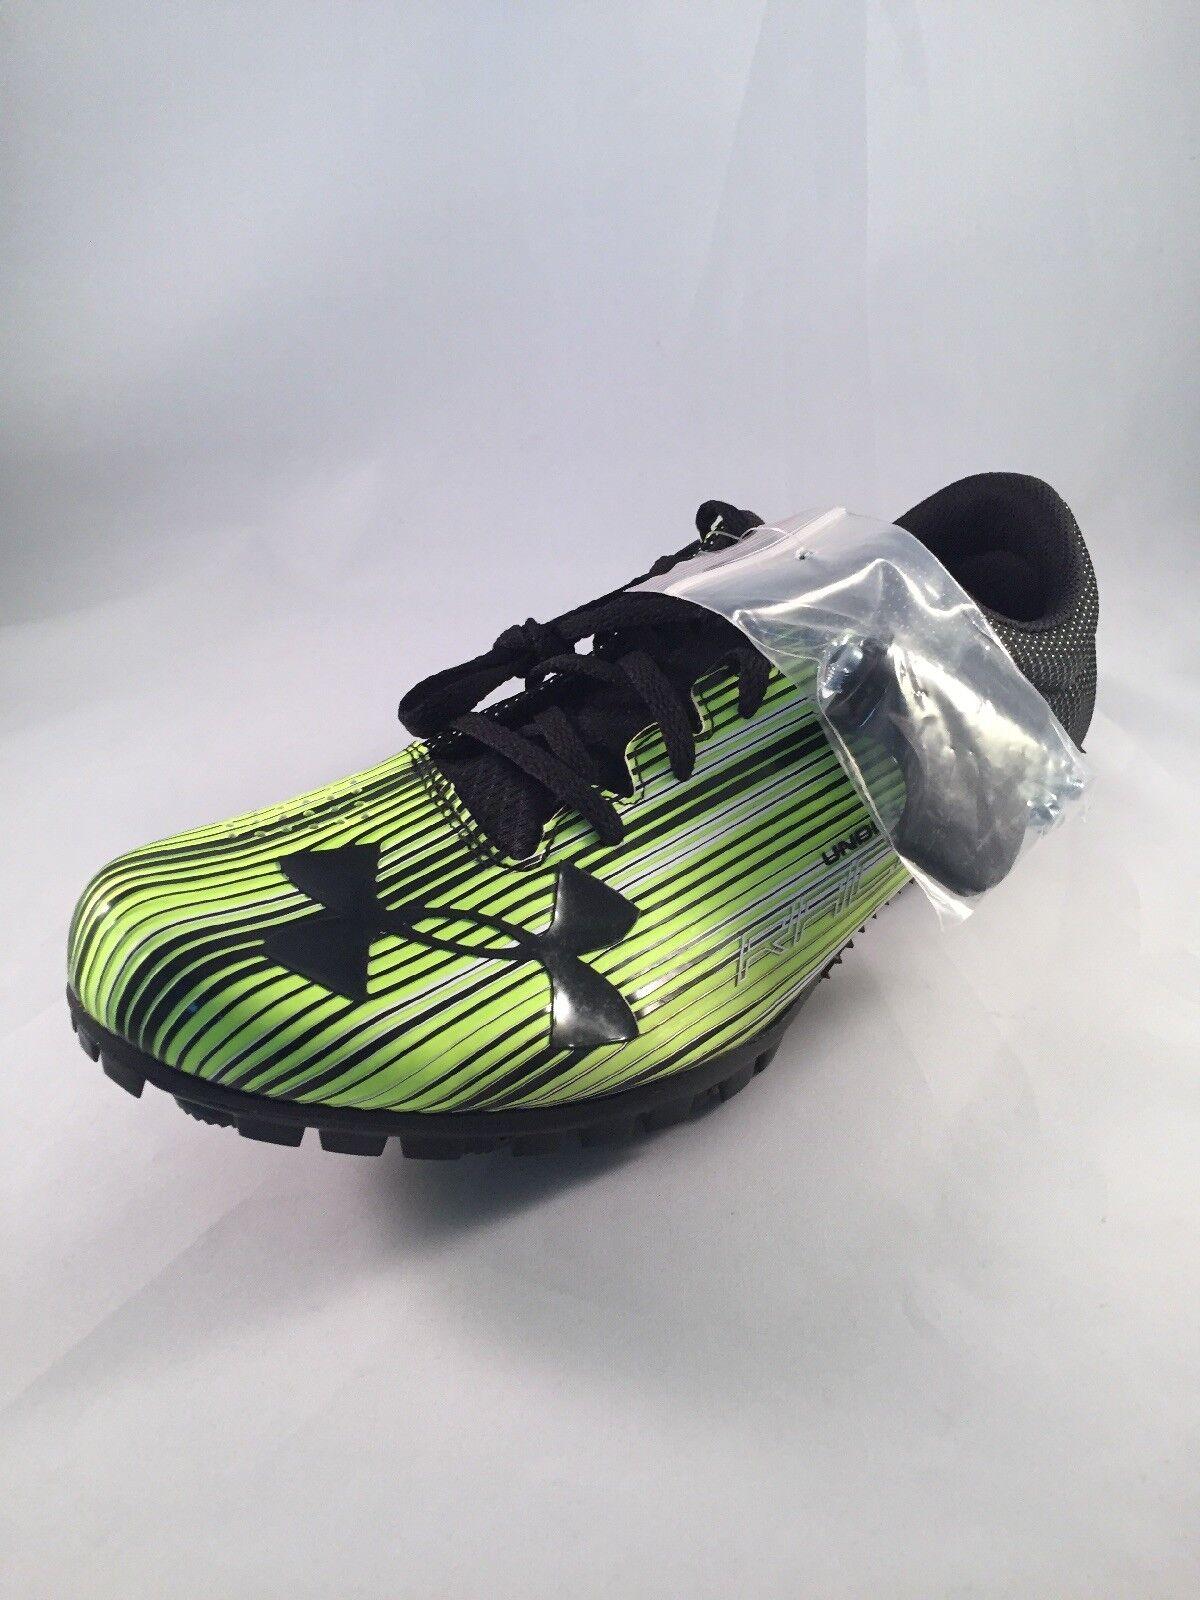 Nuovo in armatura mens calcio sprint spike 1273939 300 46 | Grande Varietà  | Maschio/Ragazze Scarpa